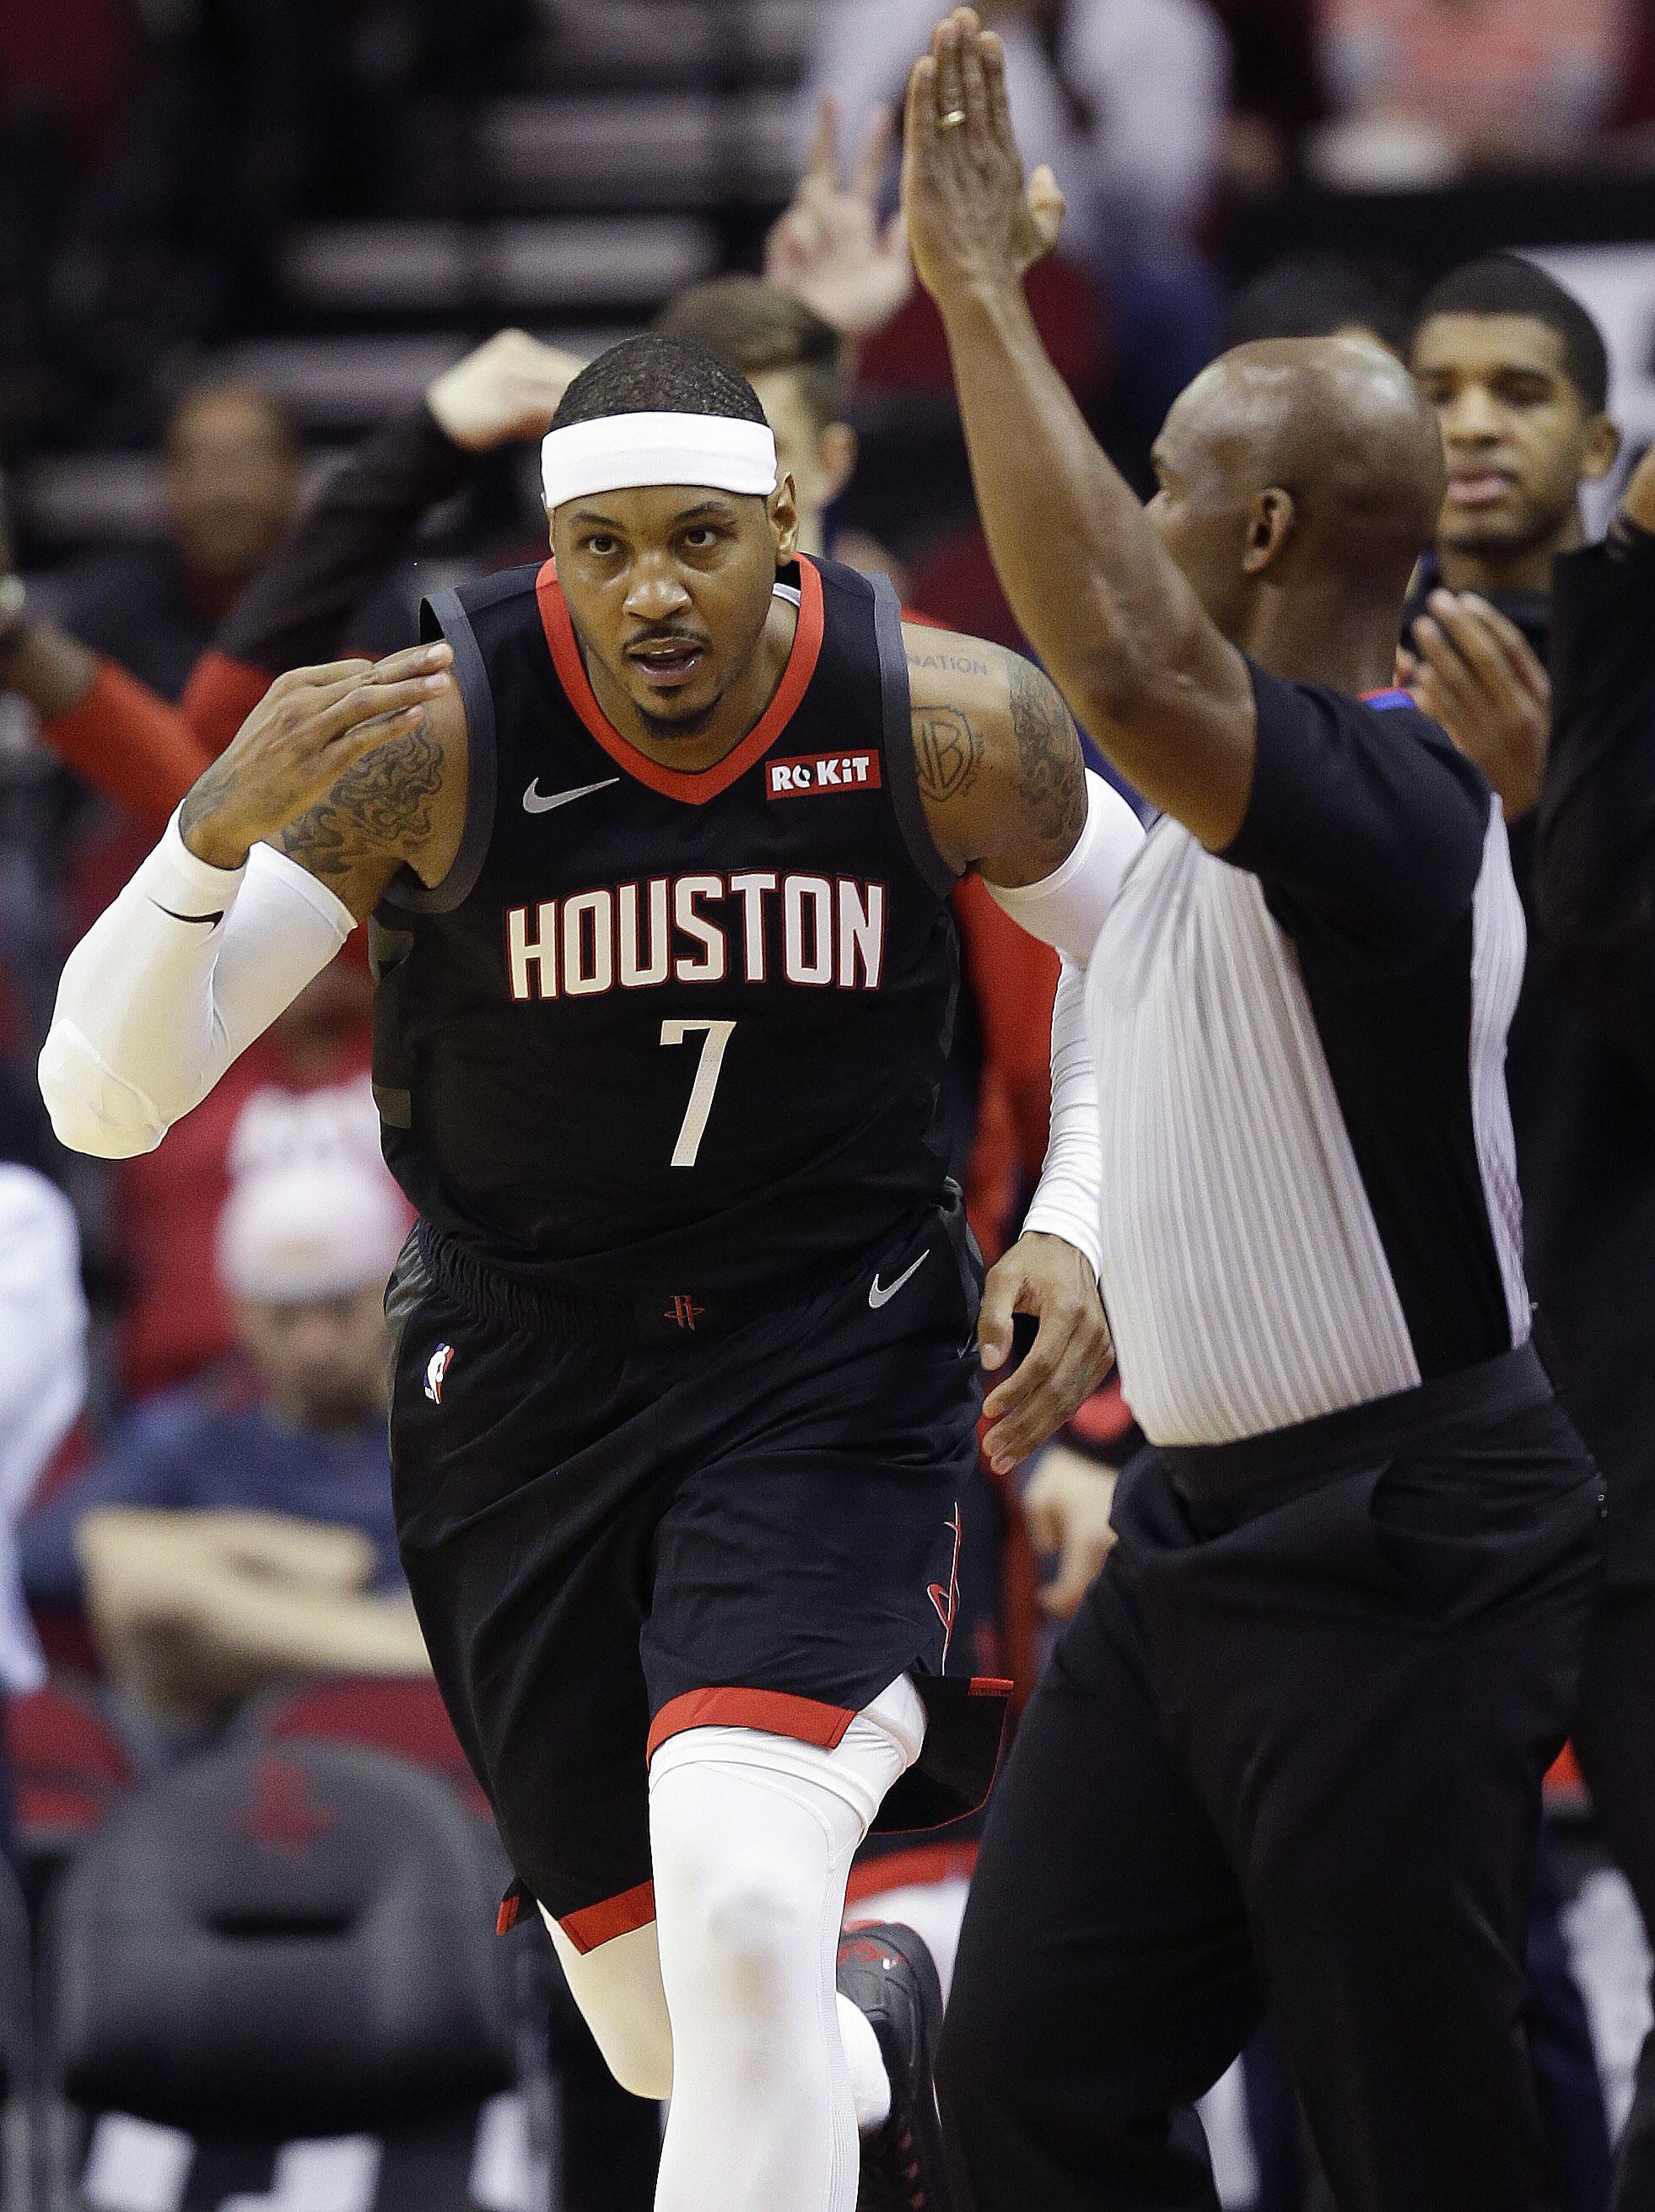 安東尼首任正選,得廿四分及兩個籃板。AP